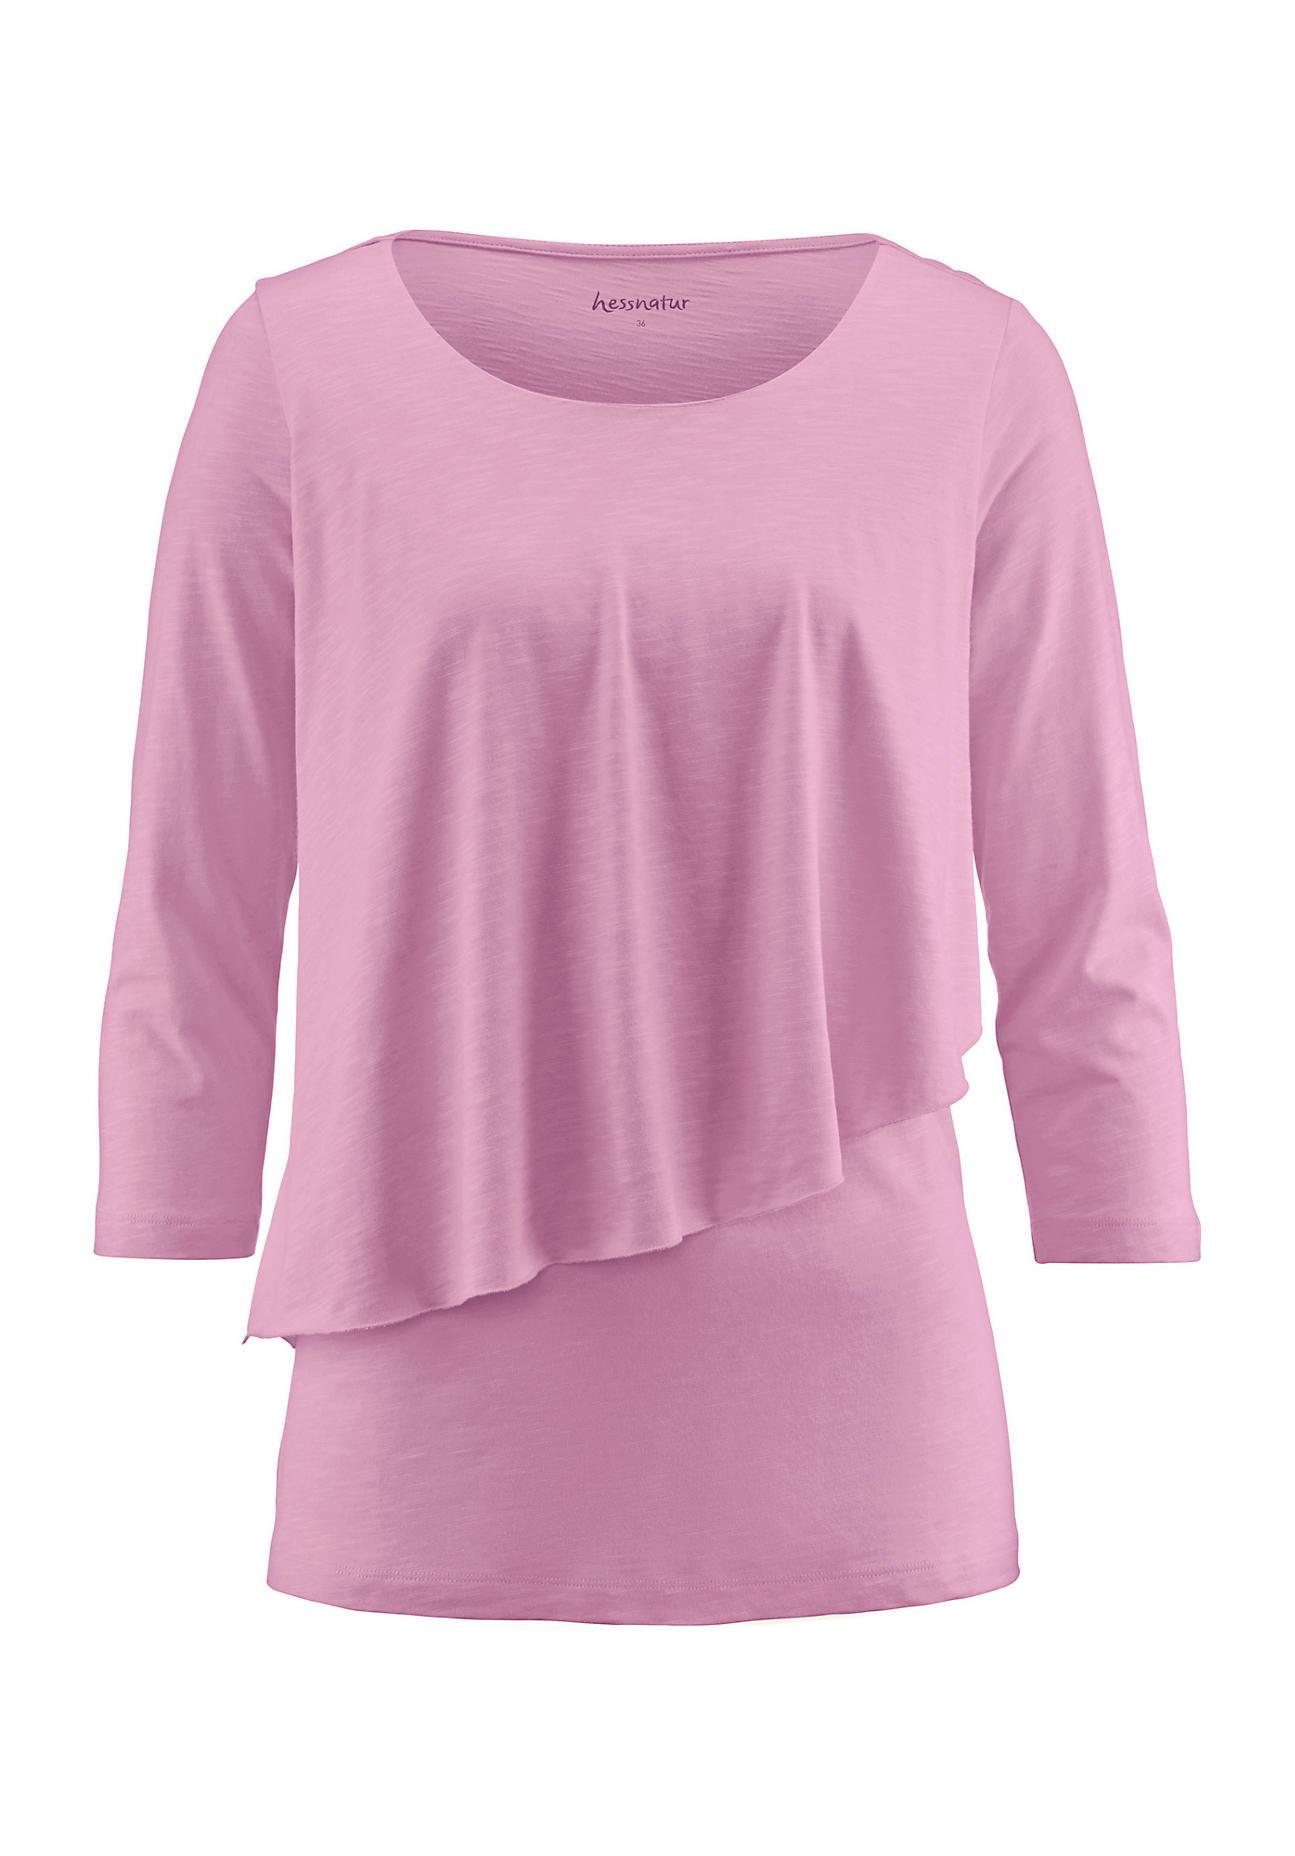 hessnatur Damen Shirt aus Bio Baumwolle mit Modal – rosa – Größe 38